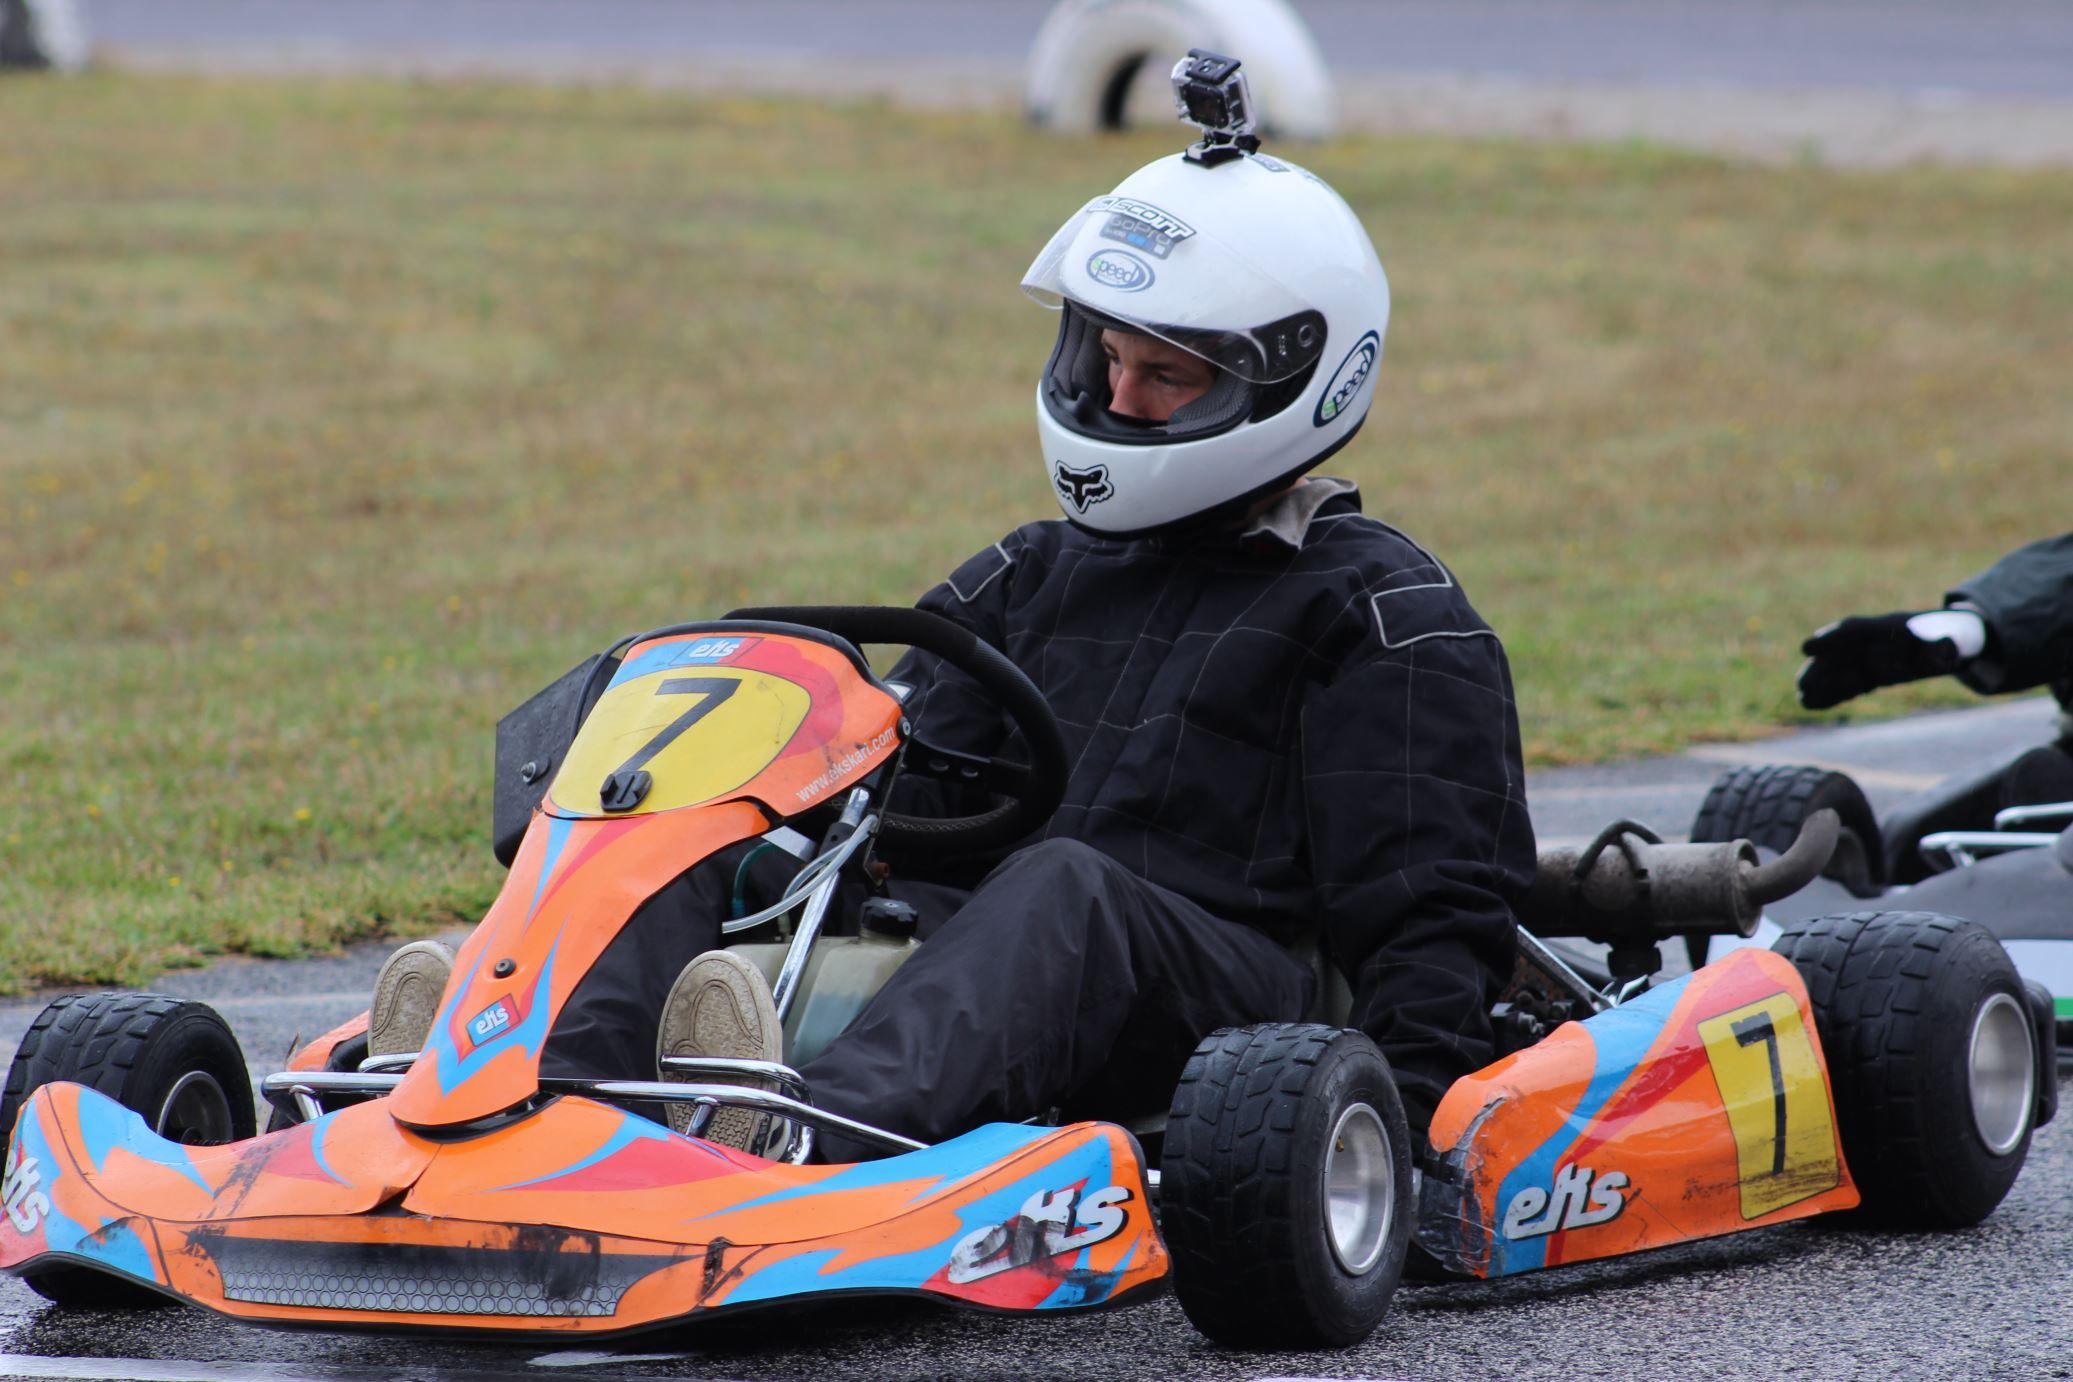 Troféu Honda 2014 - 2ª Prova110